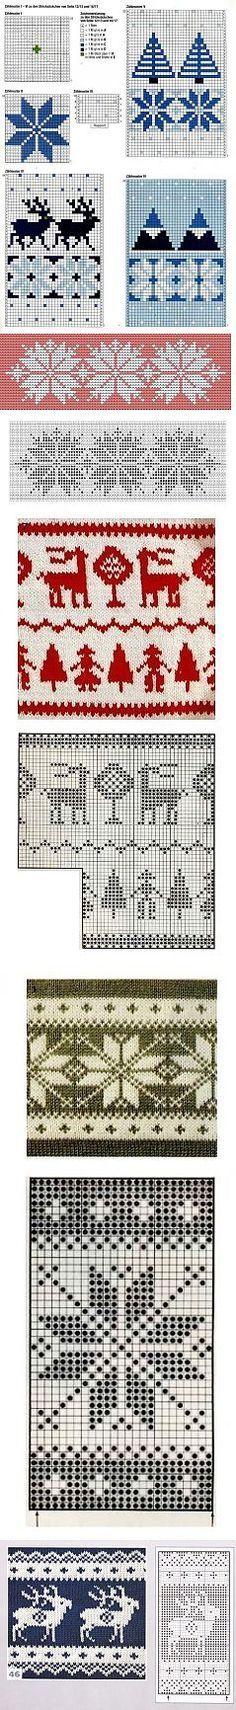 Норвежские узоры схемы   06 - Жаккард,Миссони,Многоцветные.   Постила